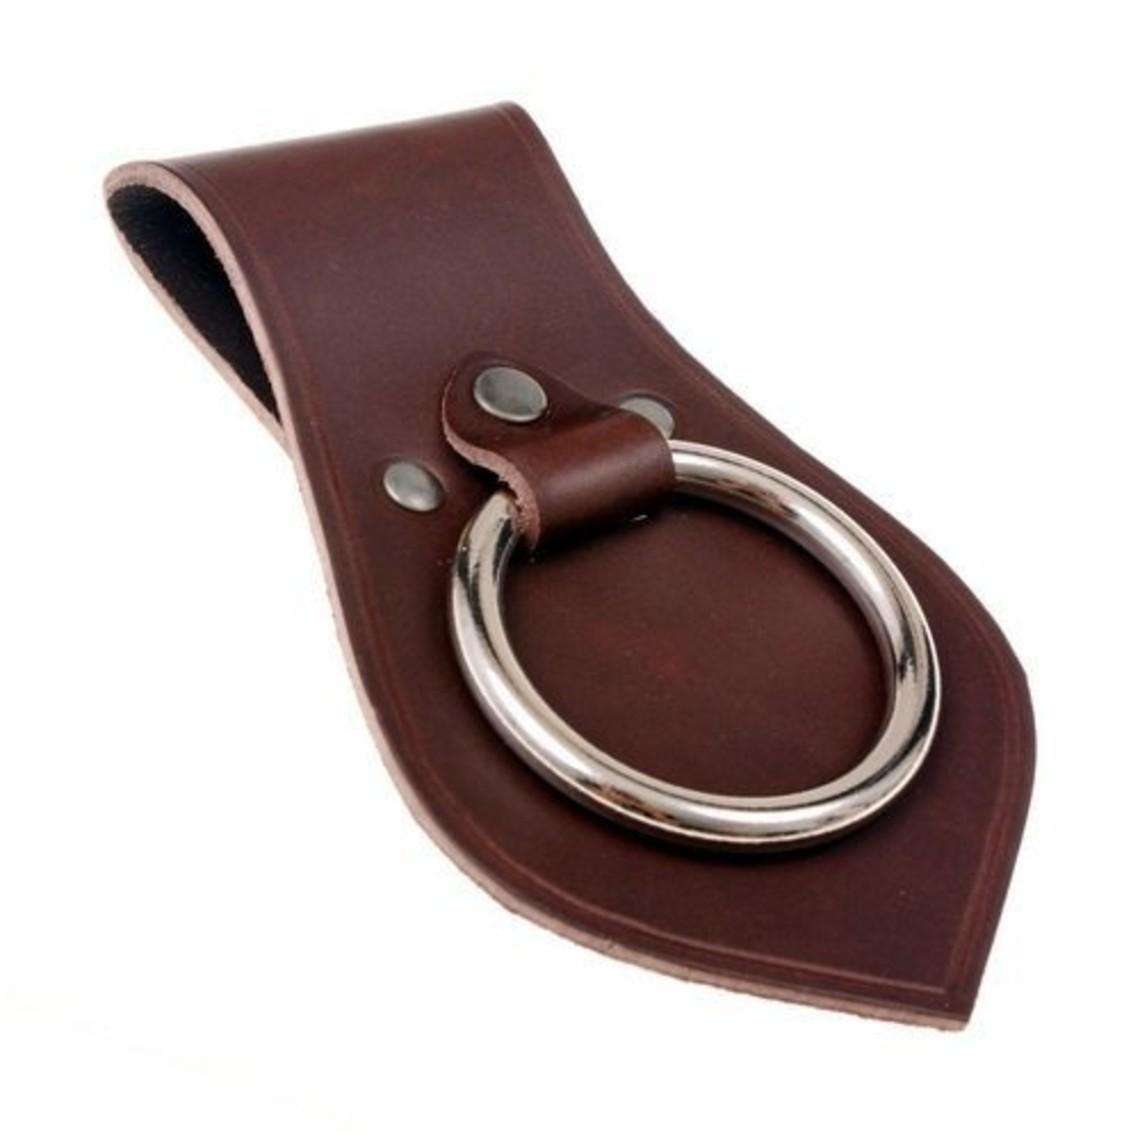 Porte d'arme en cuir pour ceinture, brun